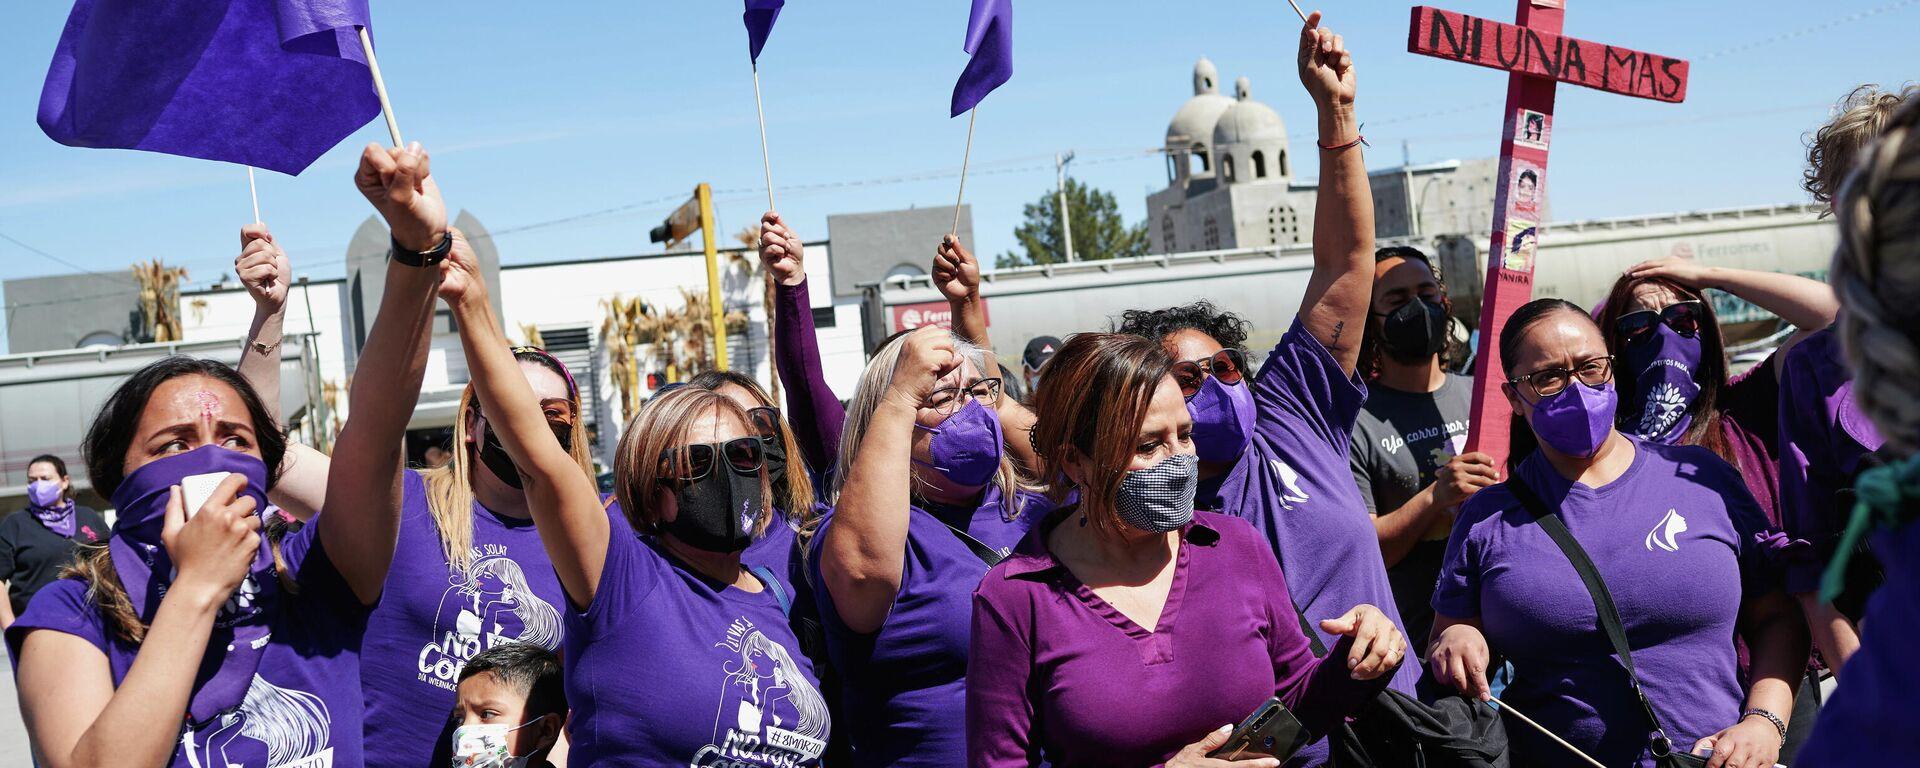 Manifestación del 8M en México - Sputnik Mundo, 1920, 08.03.2021